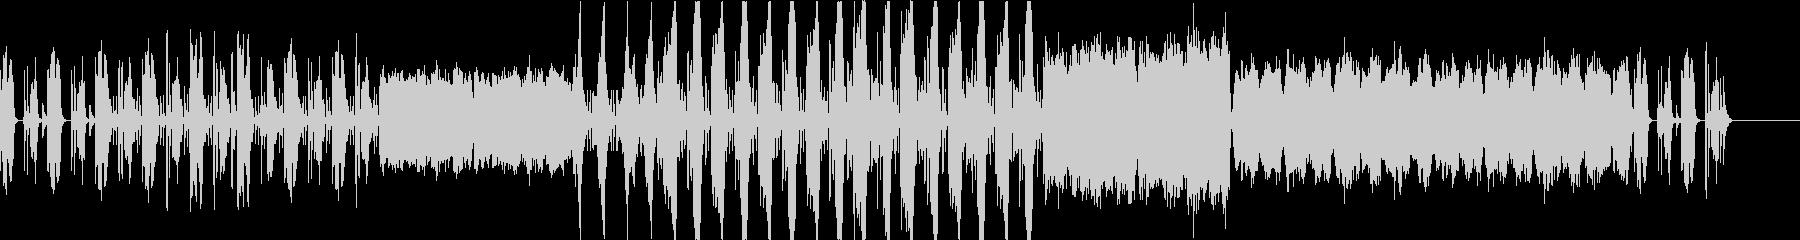 和風テイストでコミカルな楽曲の未再生の波形